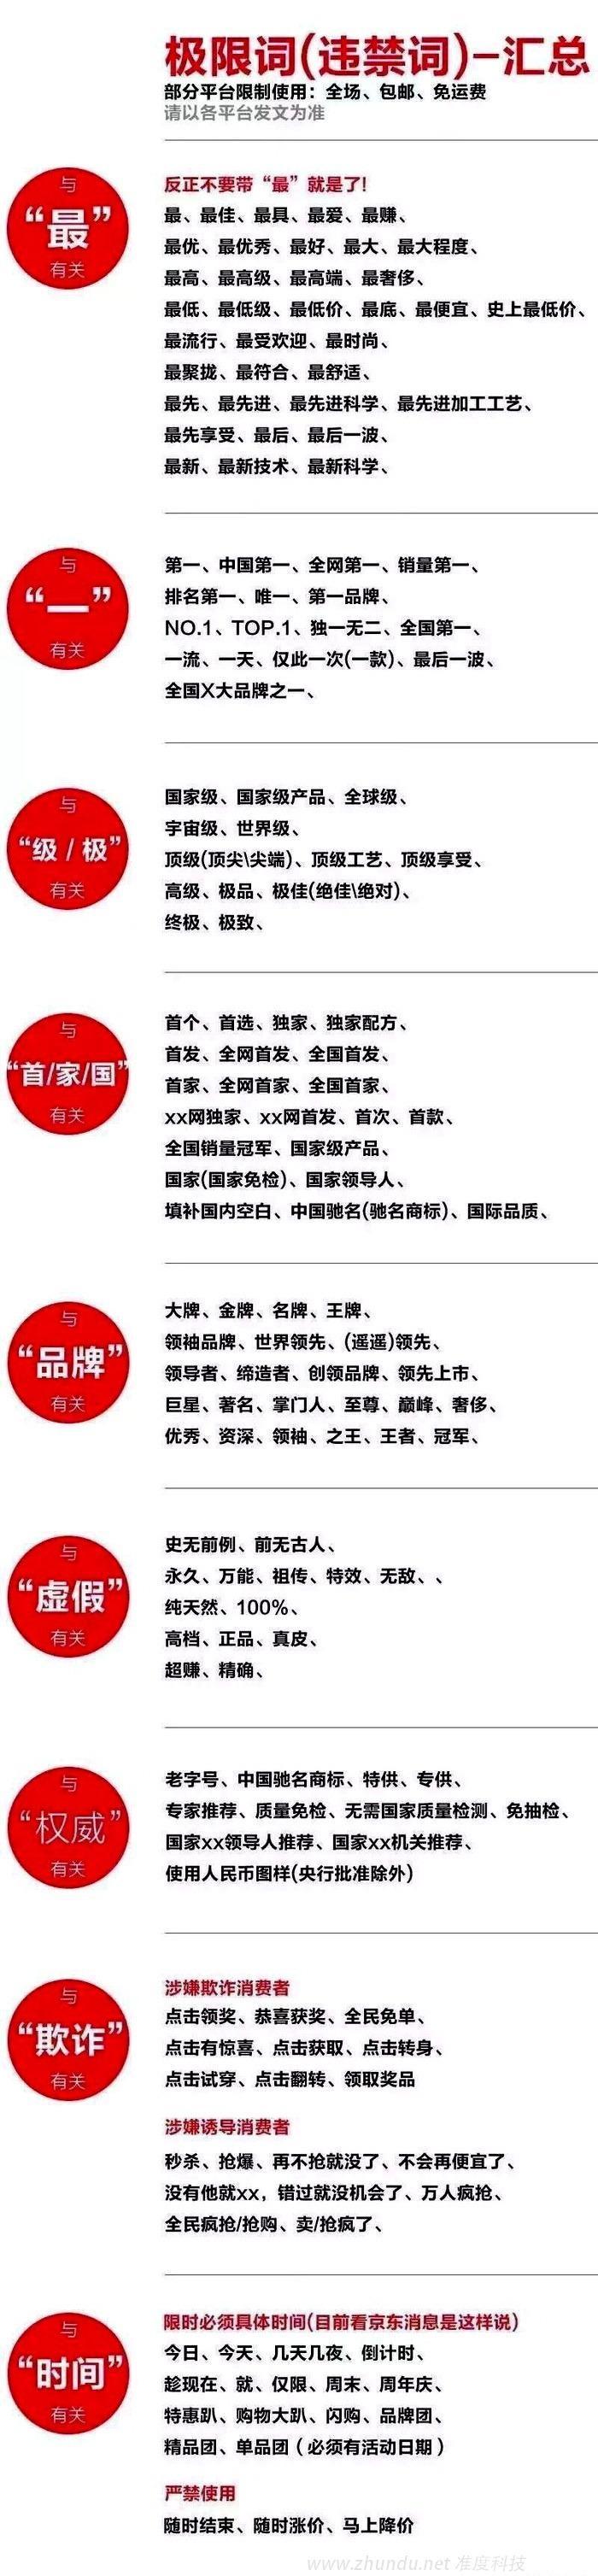 2015新广告法极限词列表